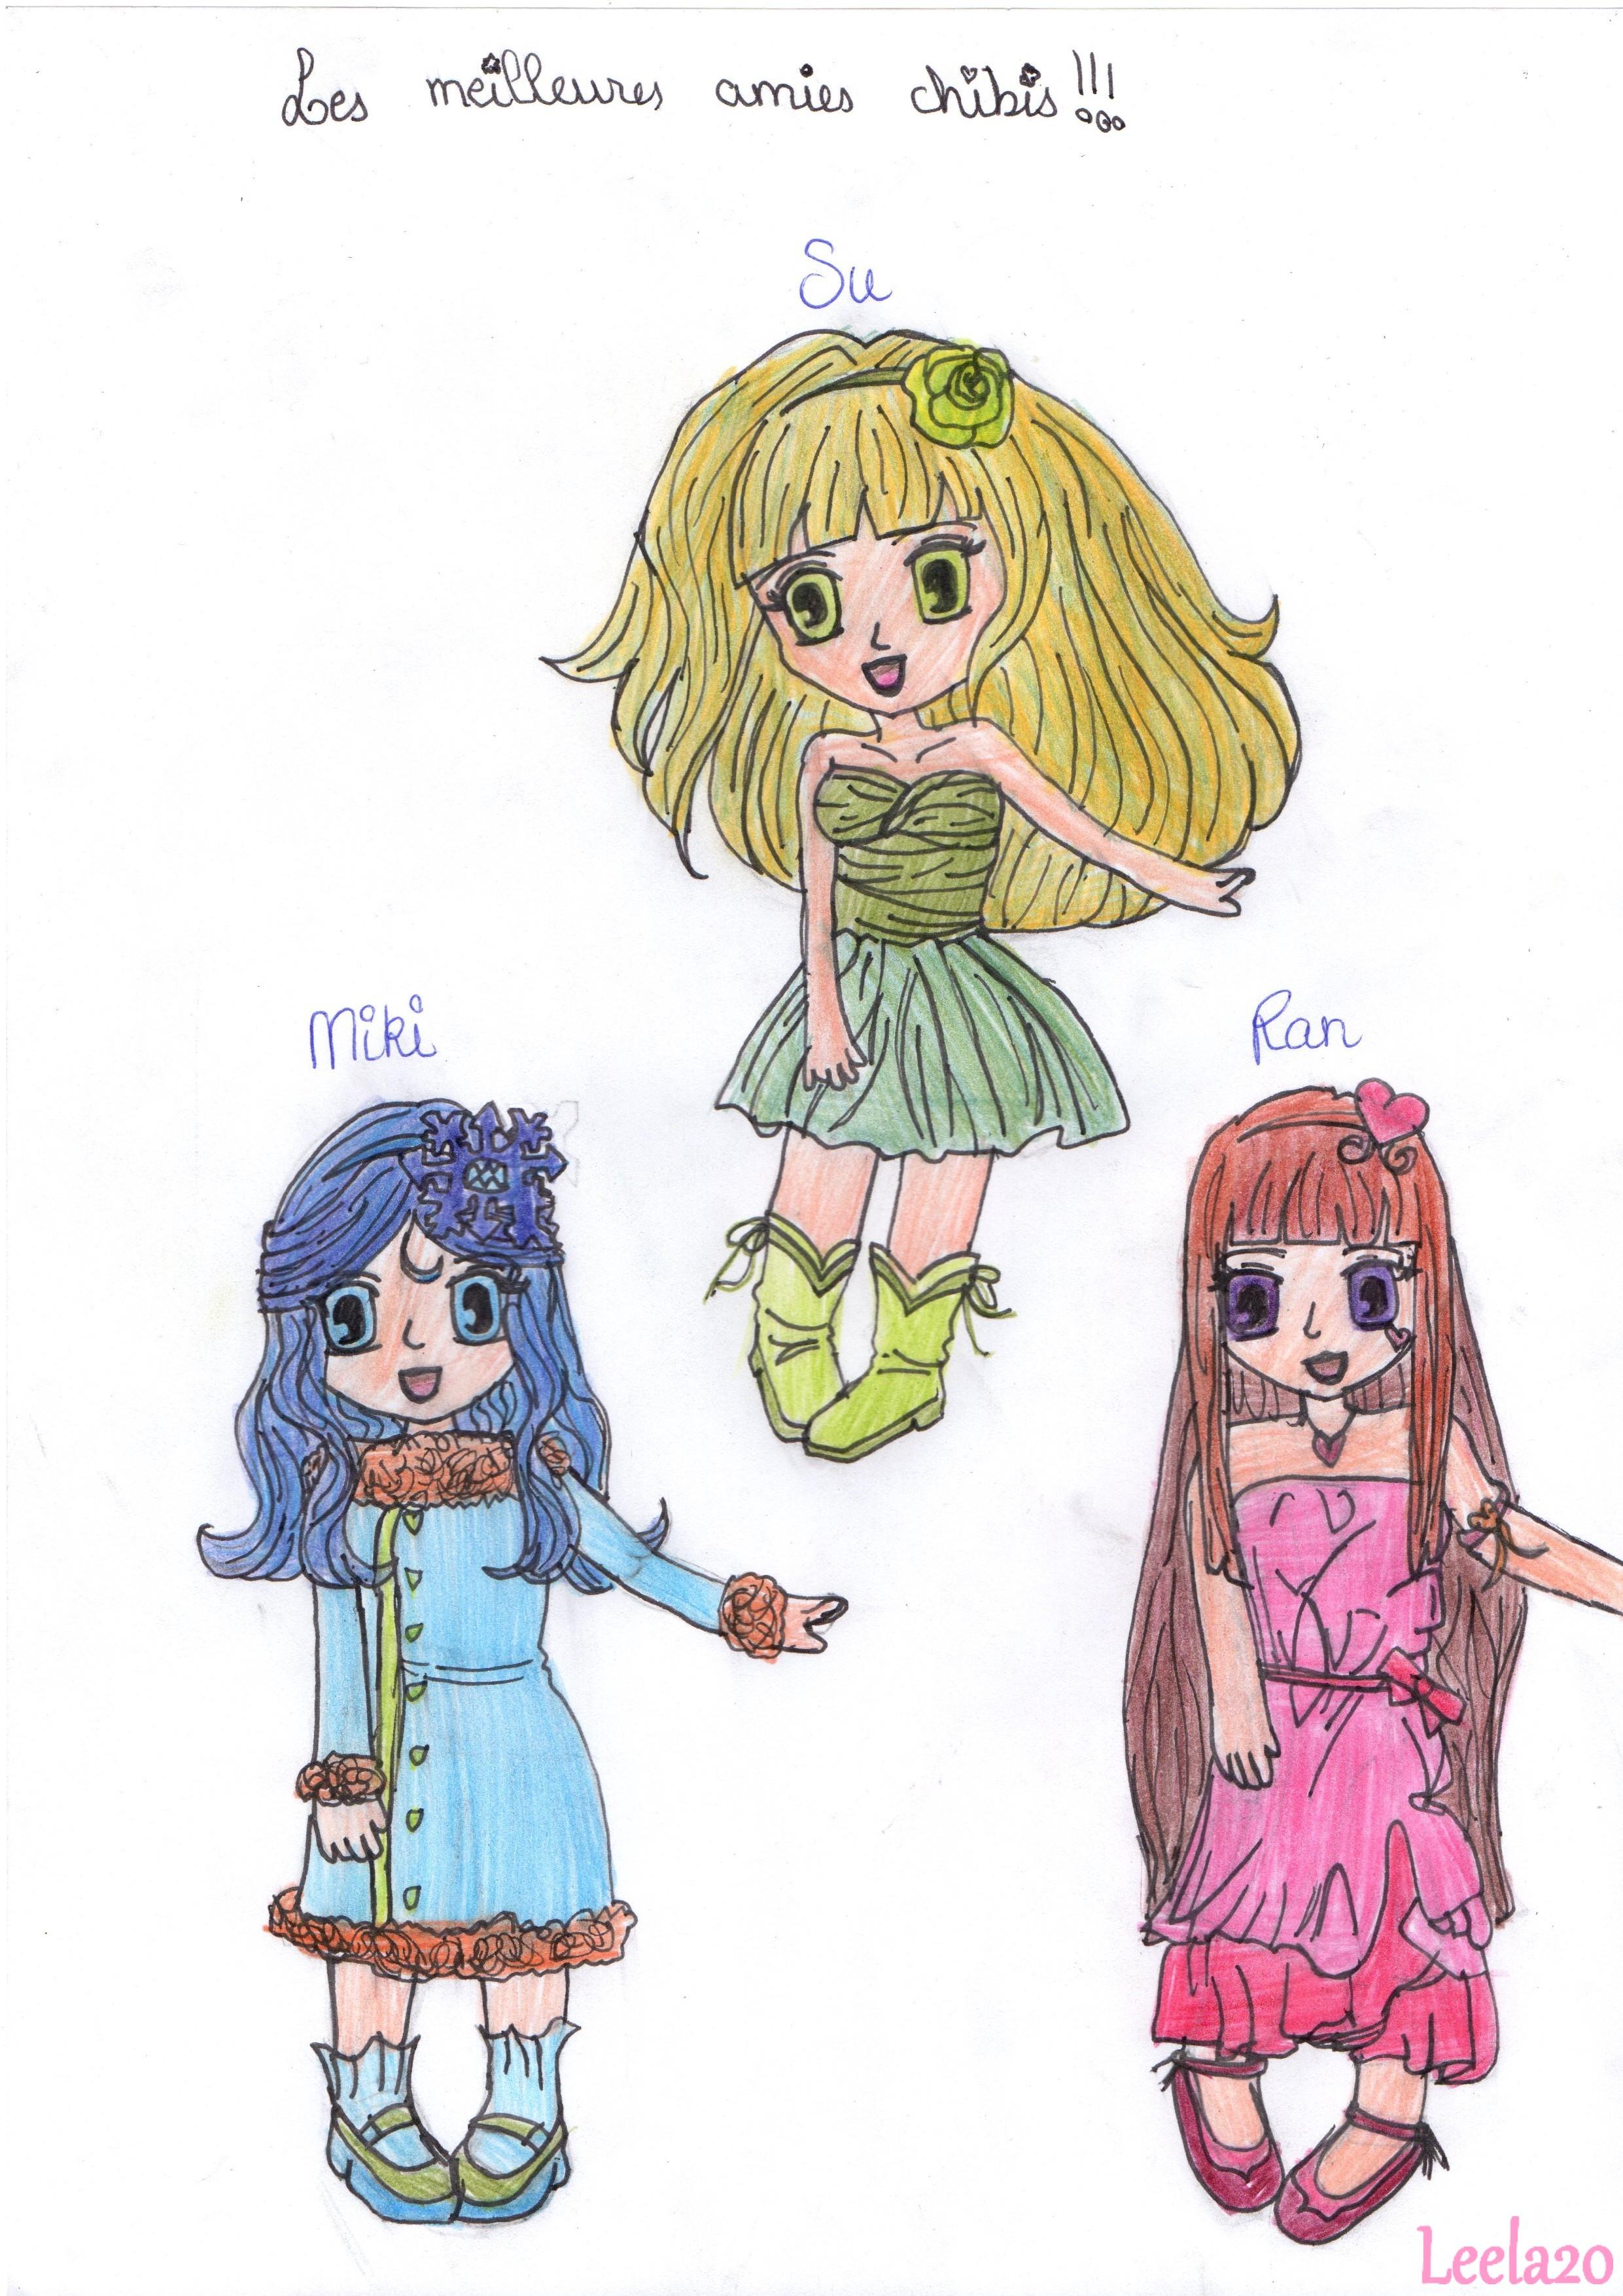 Les Meilleures Amies Chibis Mes Dessins De Style Manga